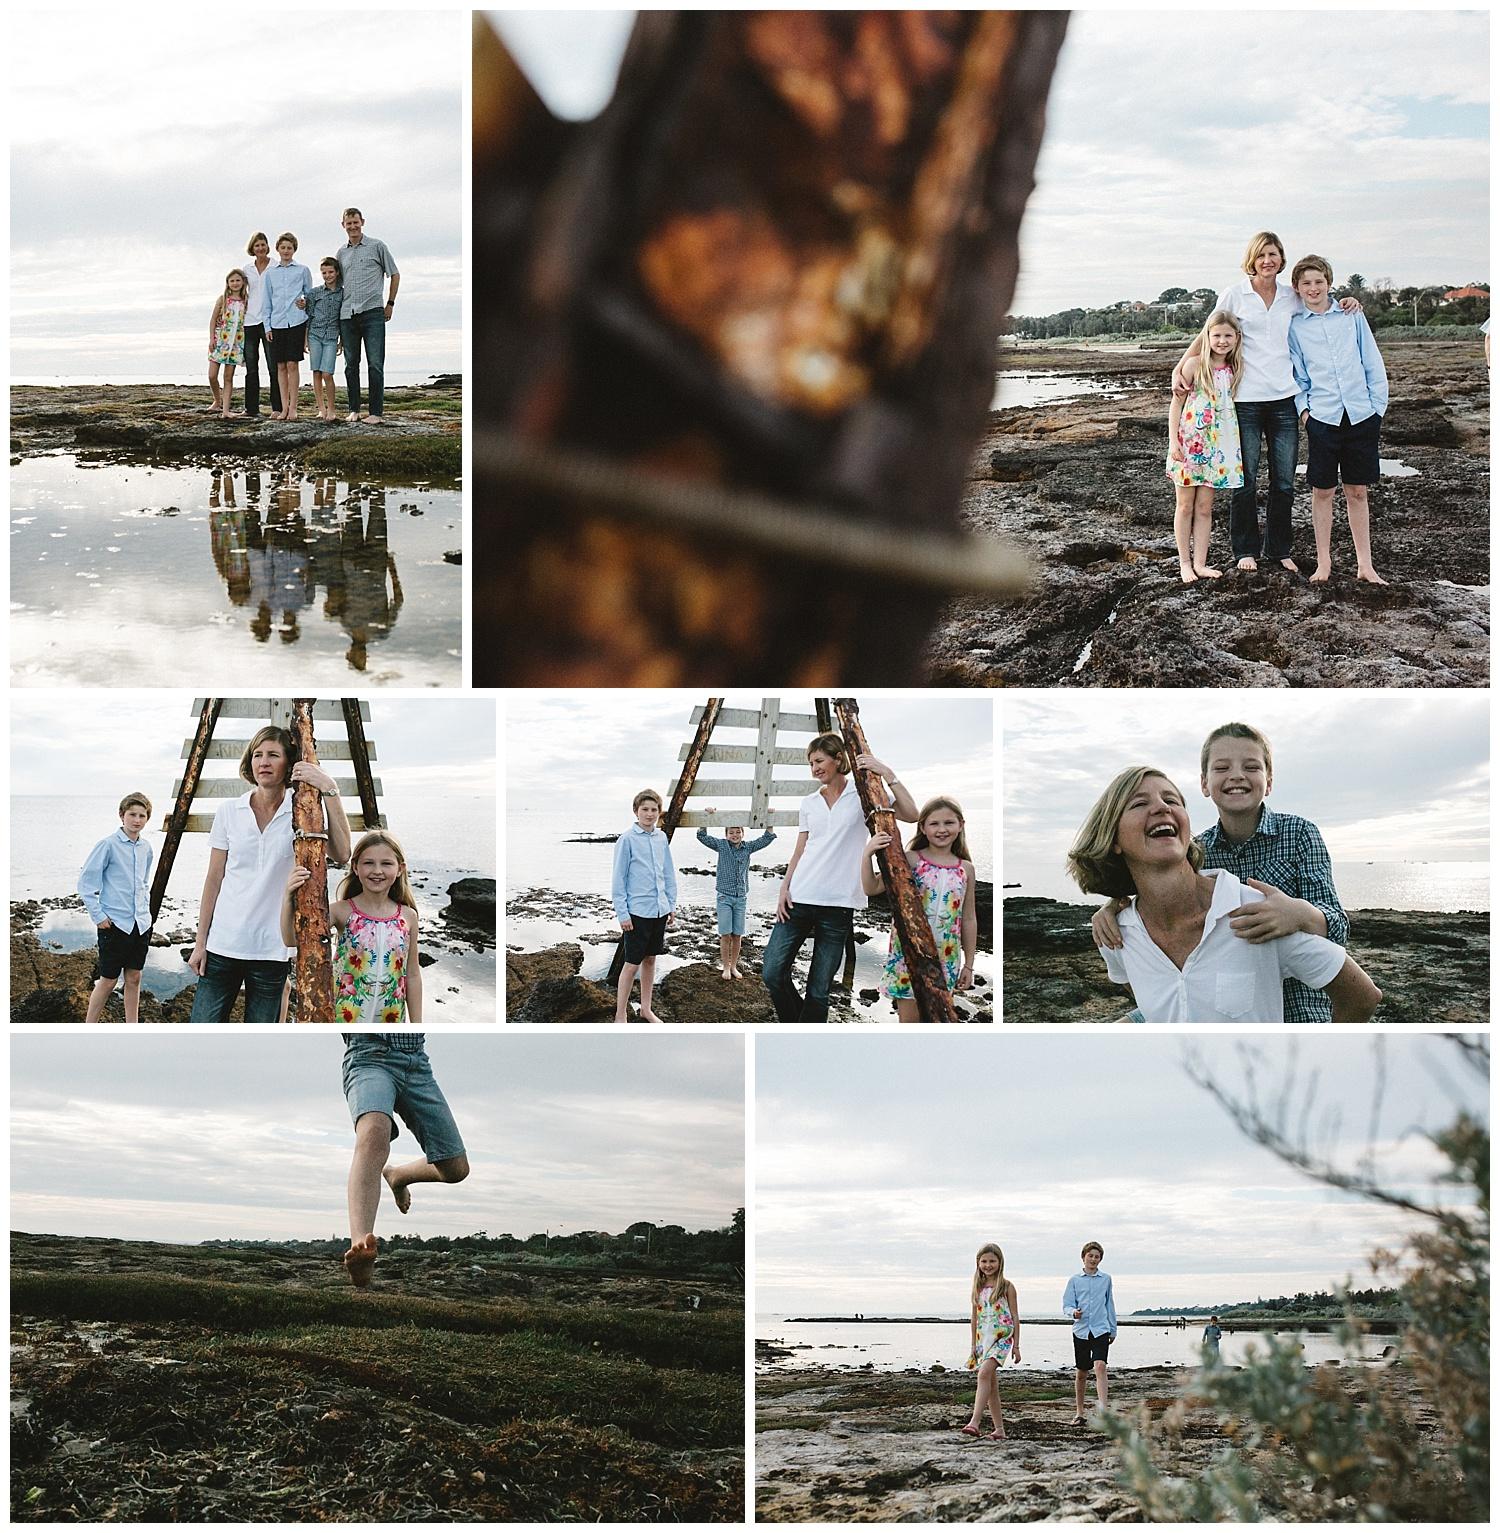 beach teens family photographer